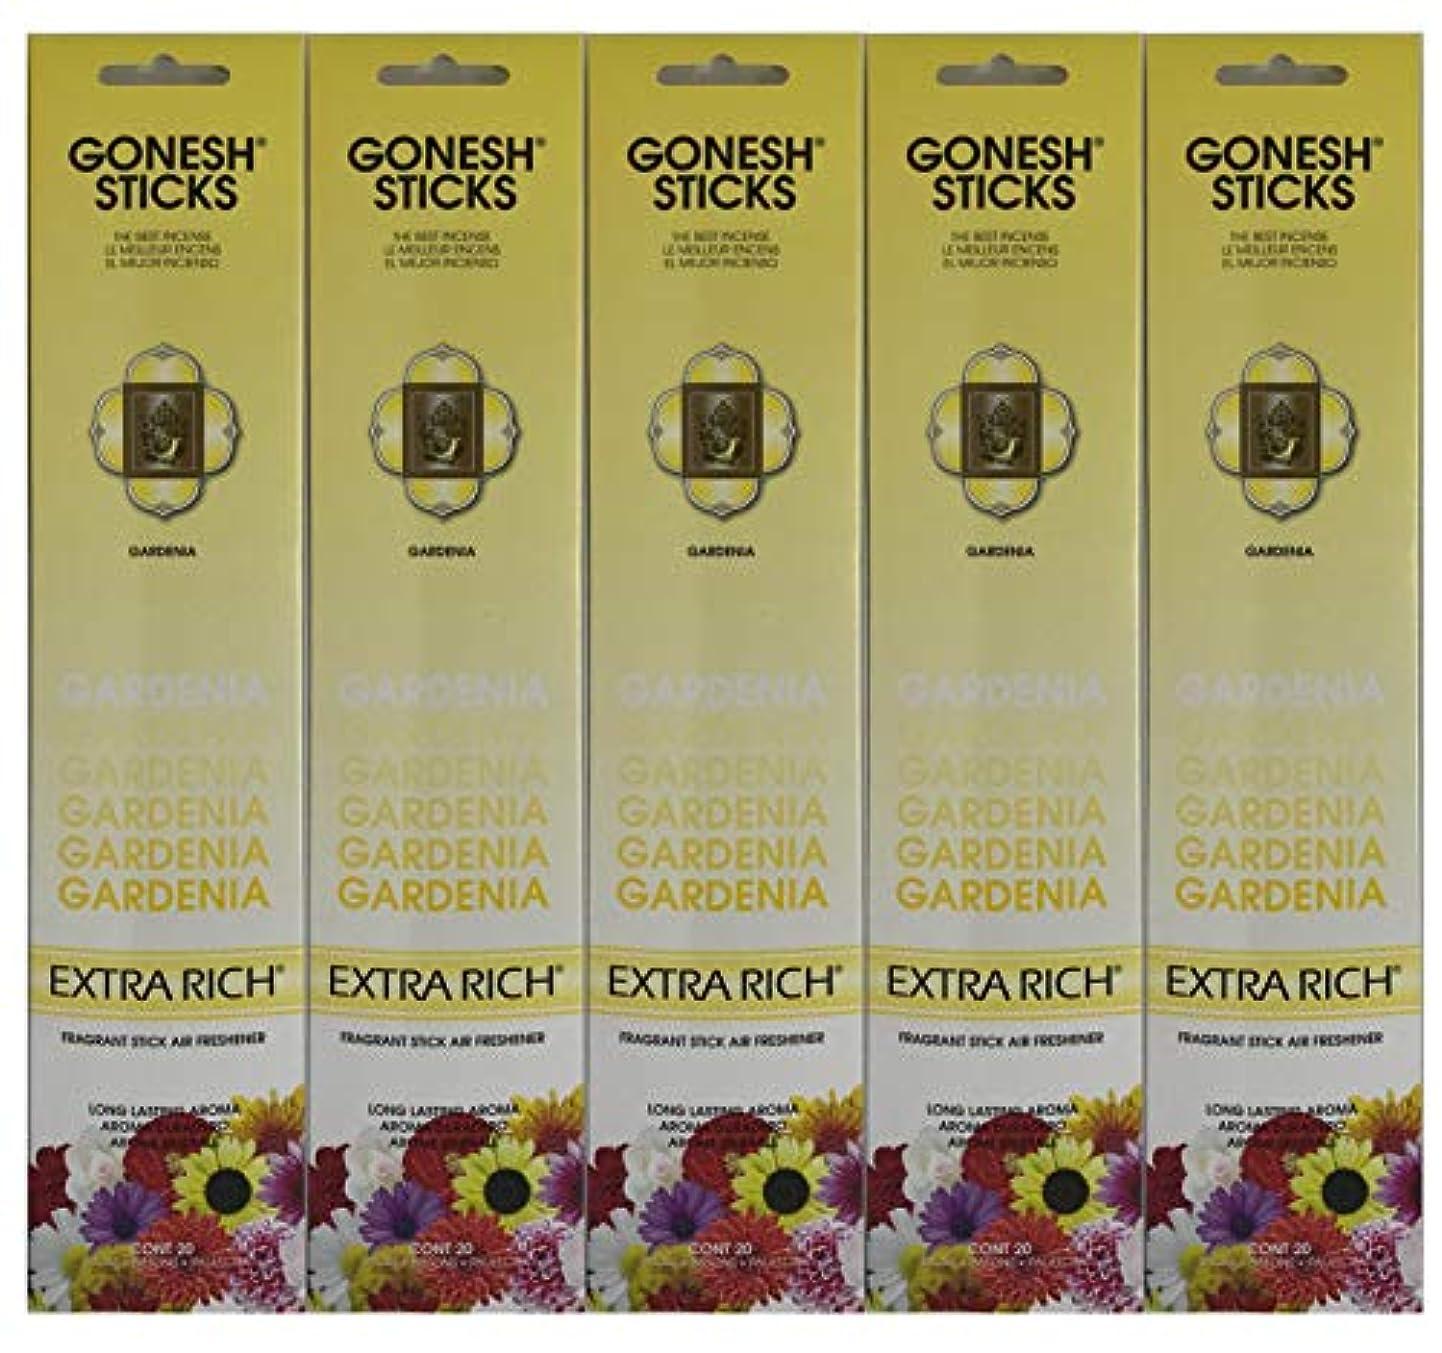 インレイ保守的韓国語Gonesh お香スティック エクストラリッチコレクション - Gardenia 5パック (合計100本)